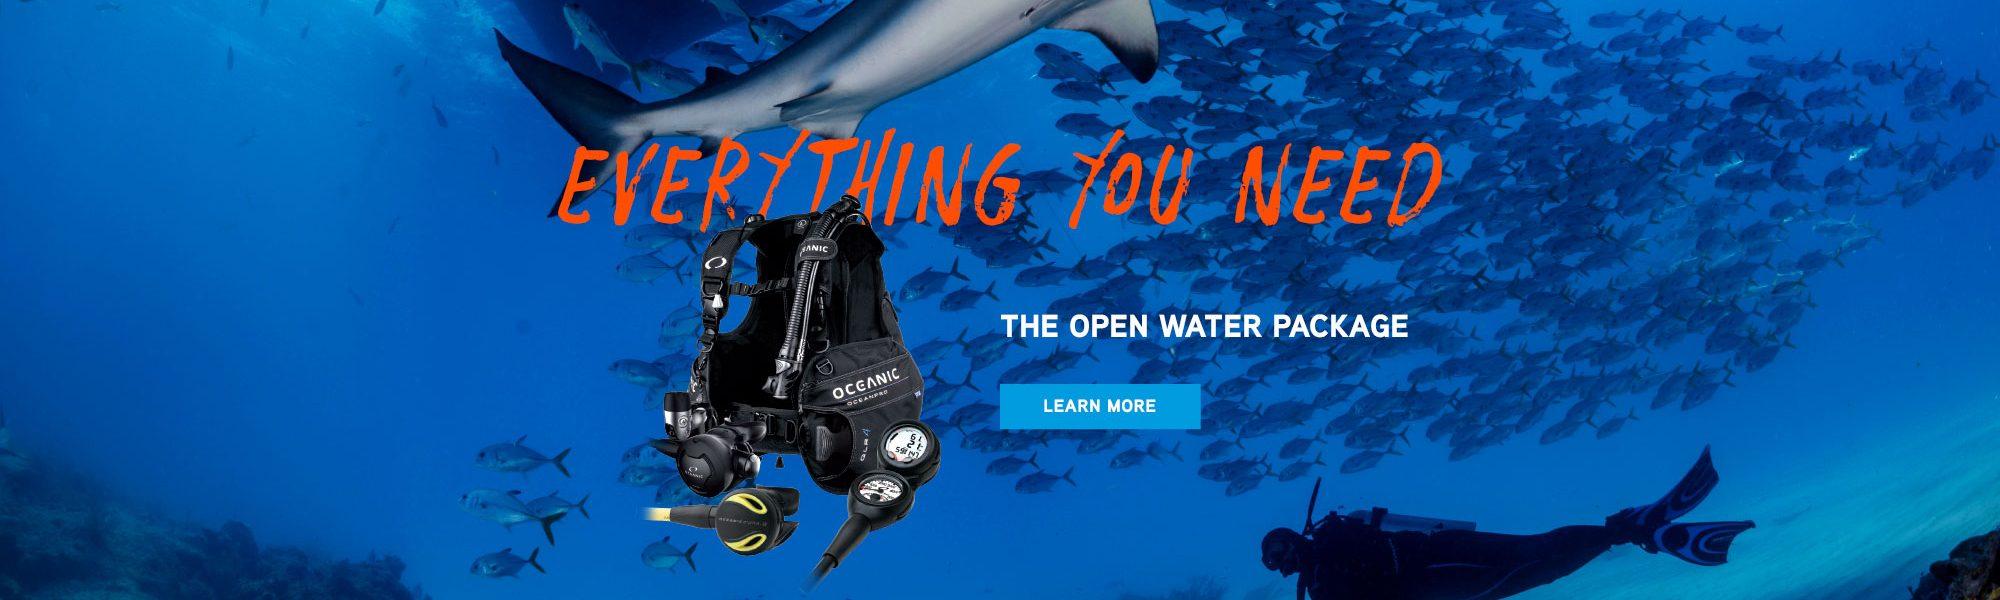 Open Water Package